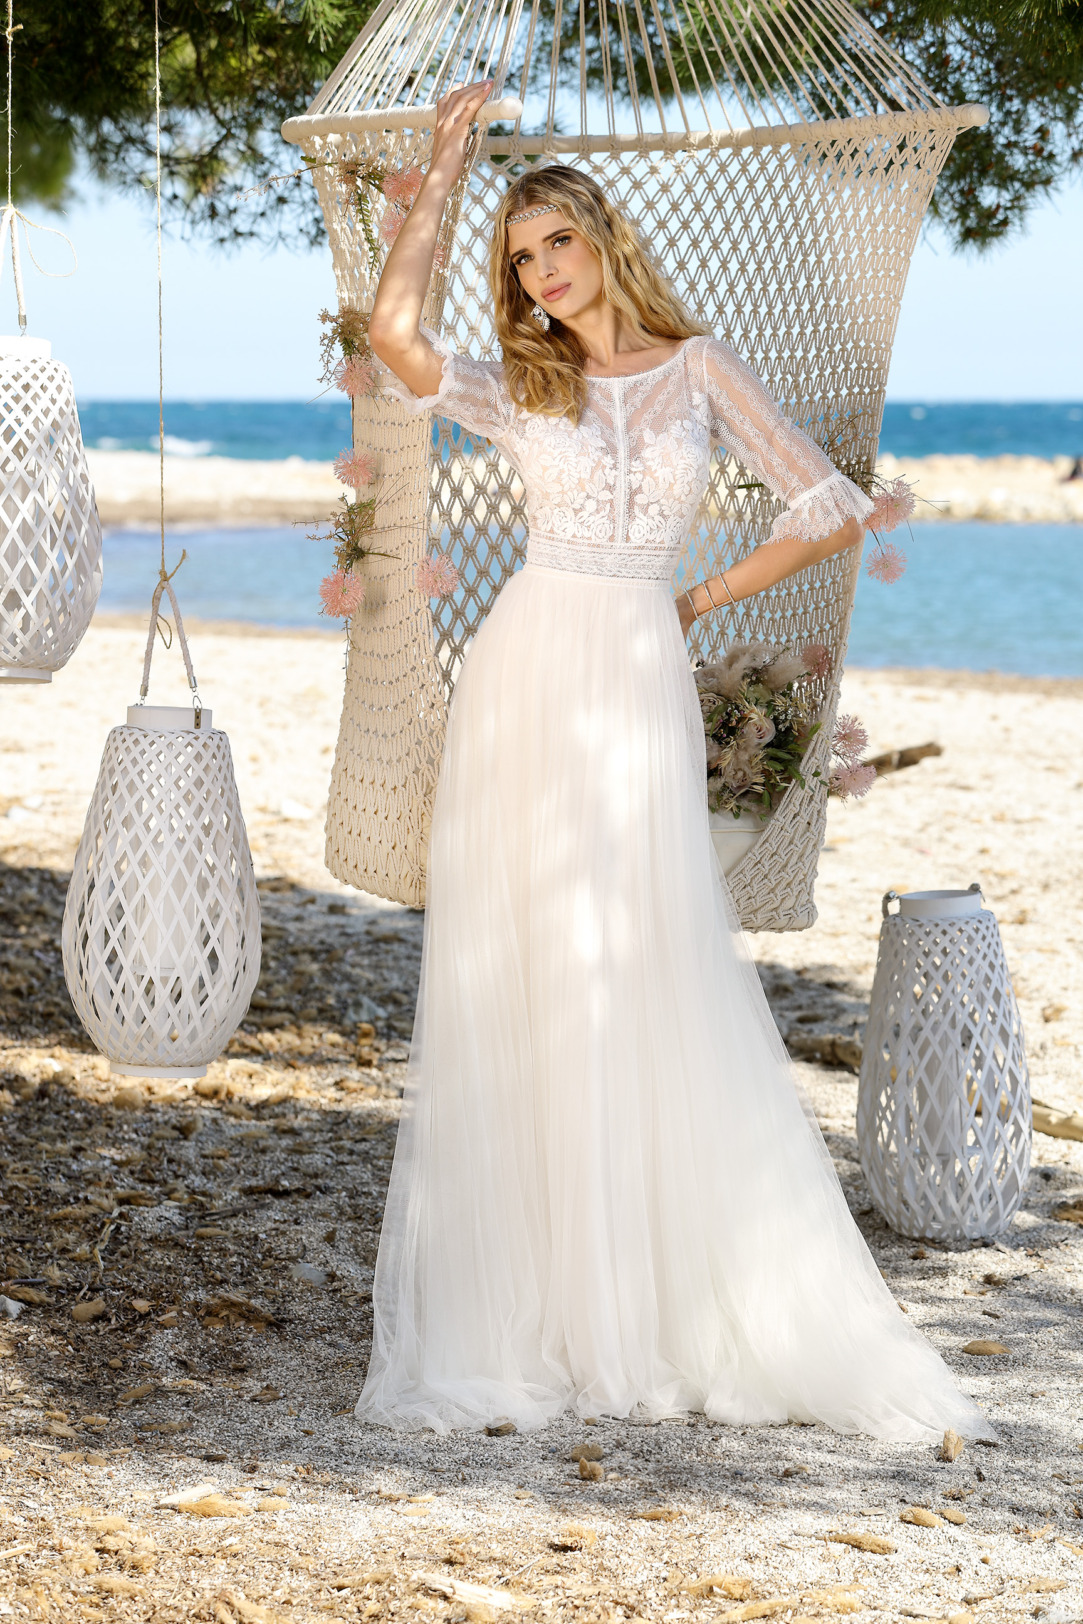 Brautkleid Hochzeitskleid im Vintage Boho Stil von Ladybird Modell 321063 mit halblangen Ärmeln feinste Spitze und rundem Ausschnitt Rock aus superleichtem Tüll